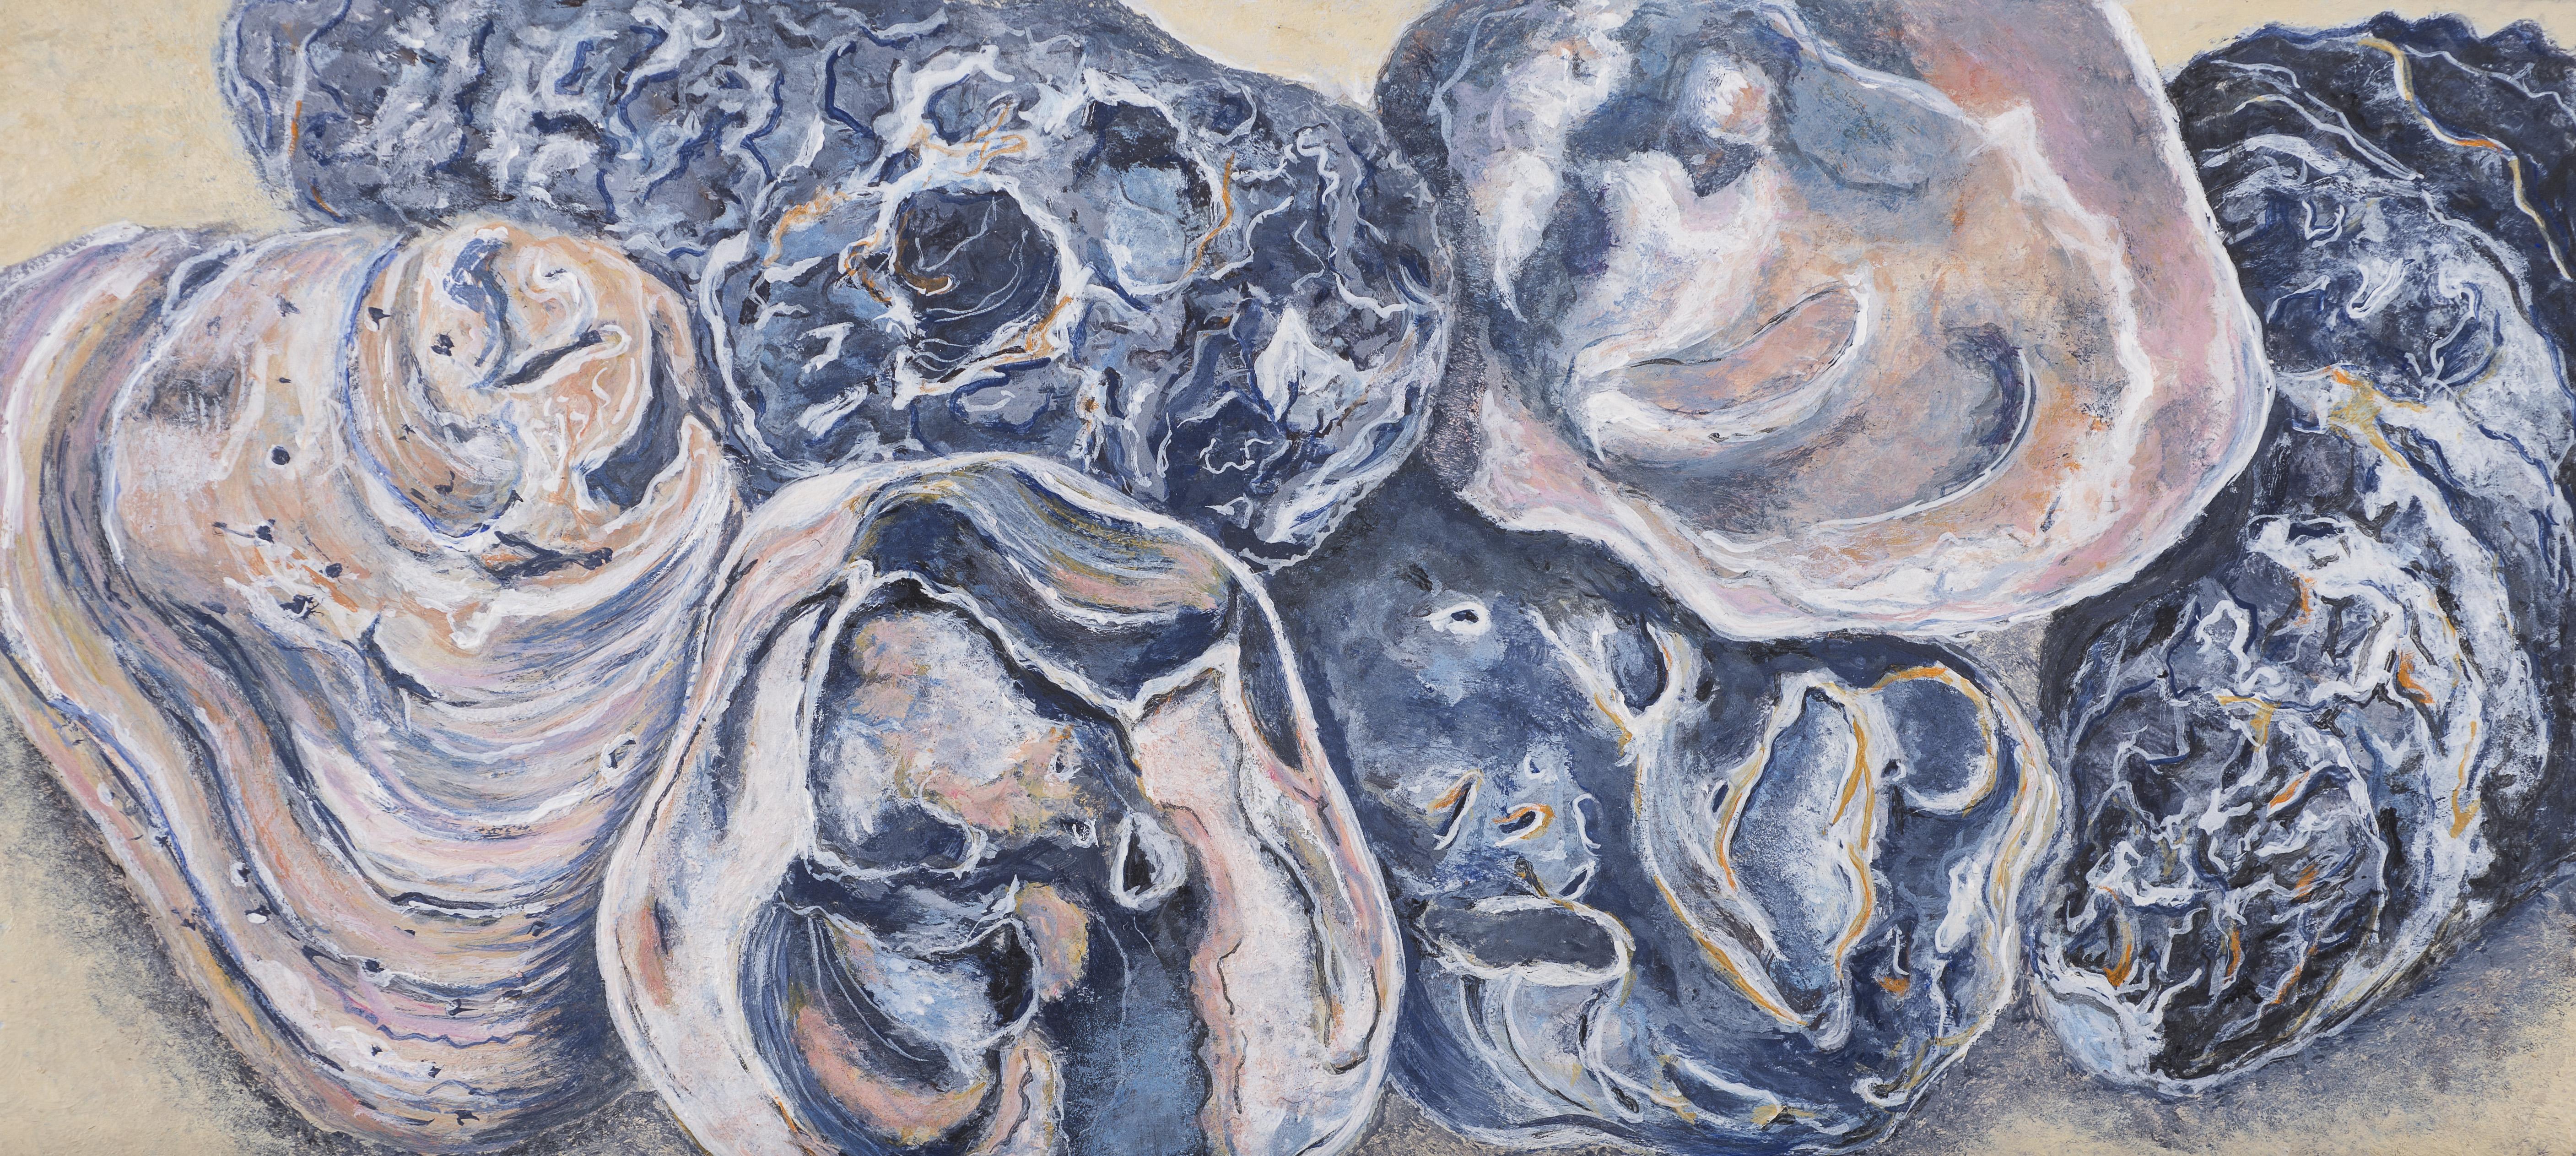 Ostrea III  (oesters)  10x22 cm